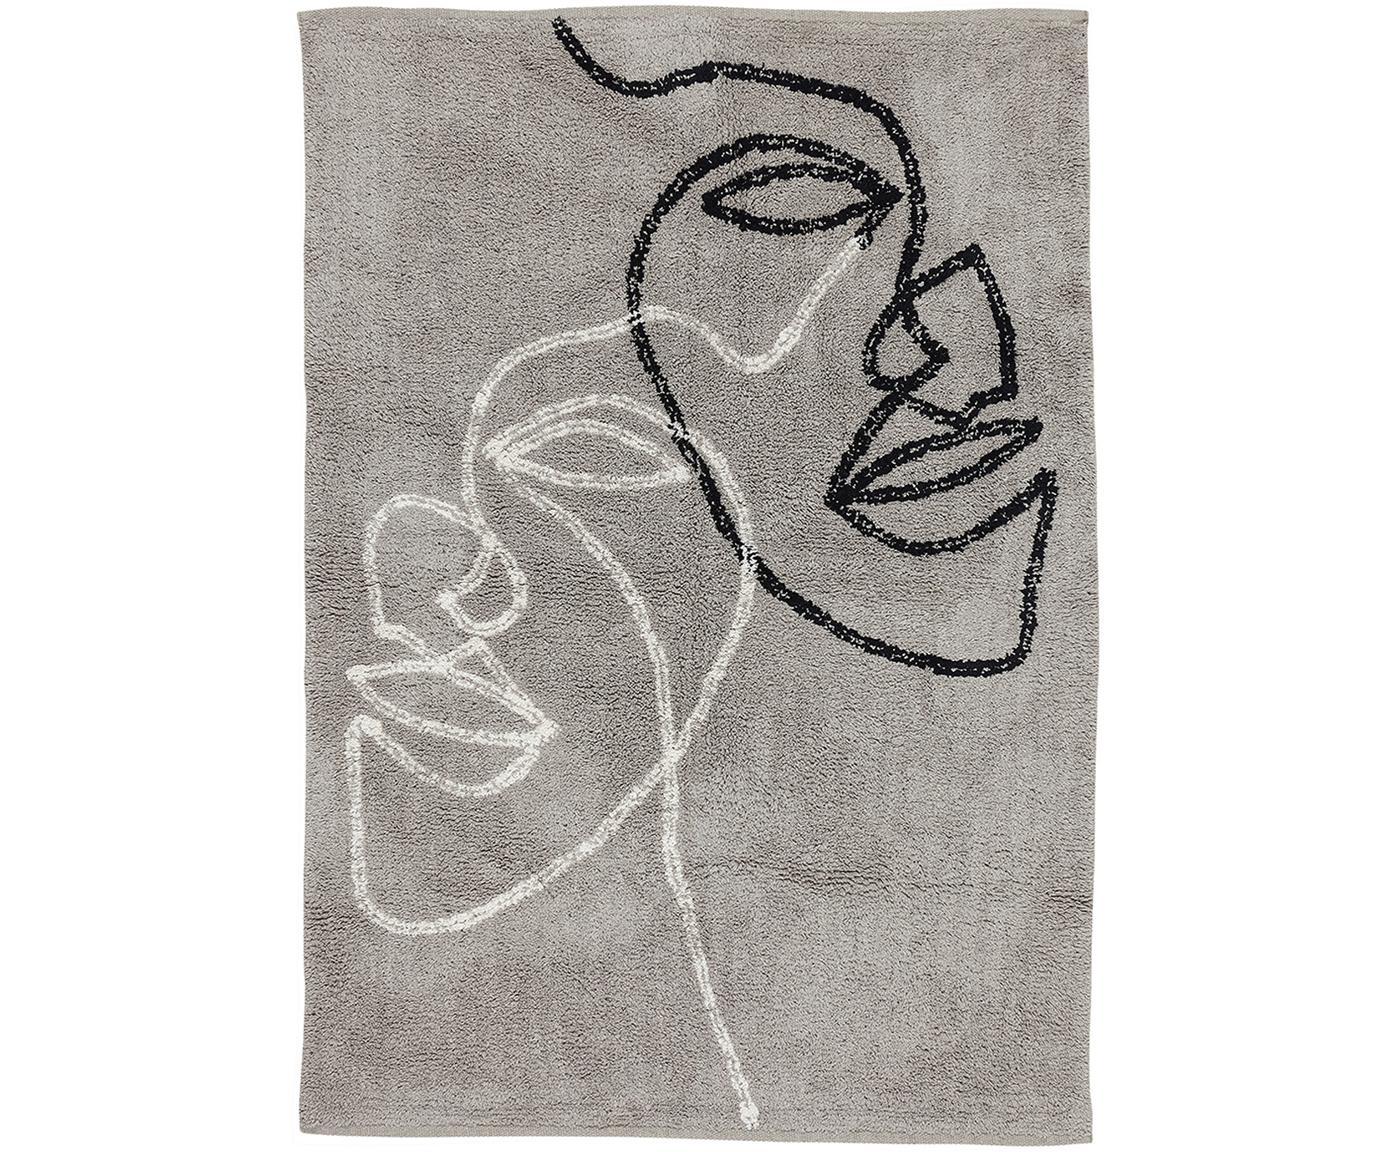 Alfombra de algodón Visage, Algodón ecológico, Gris, negro, blanco, An 90 x L 120 cm (Tamaño XS)